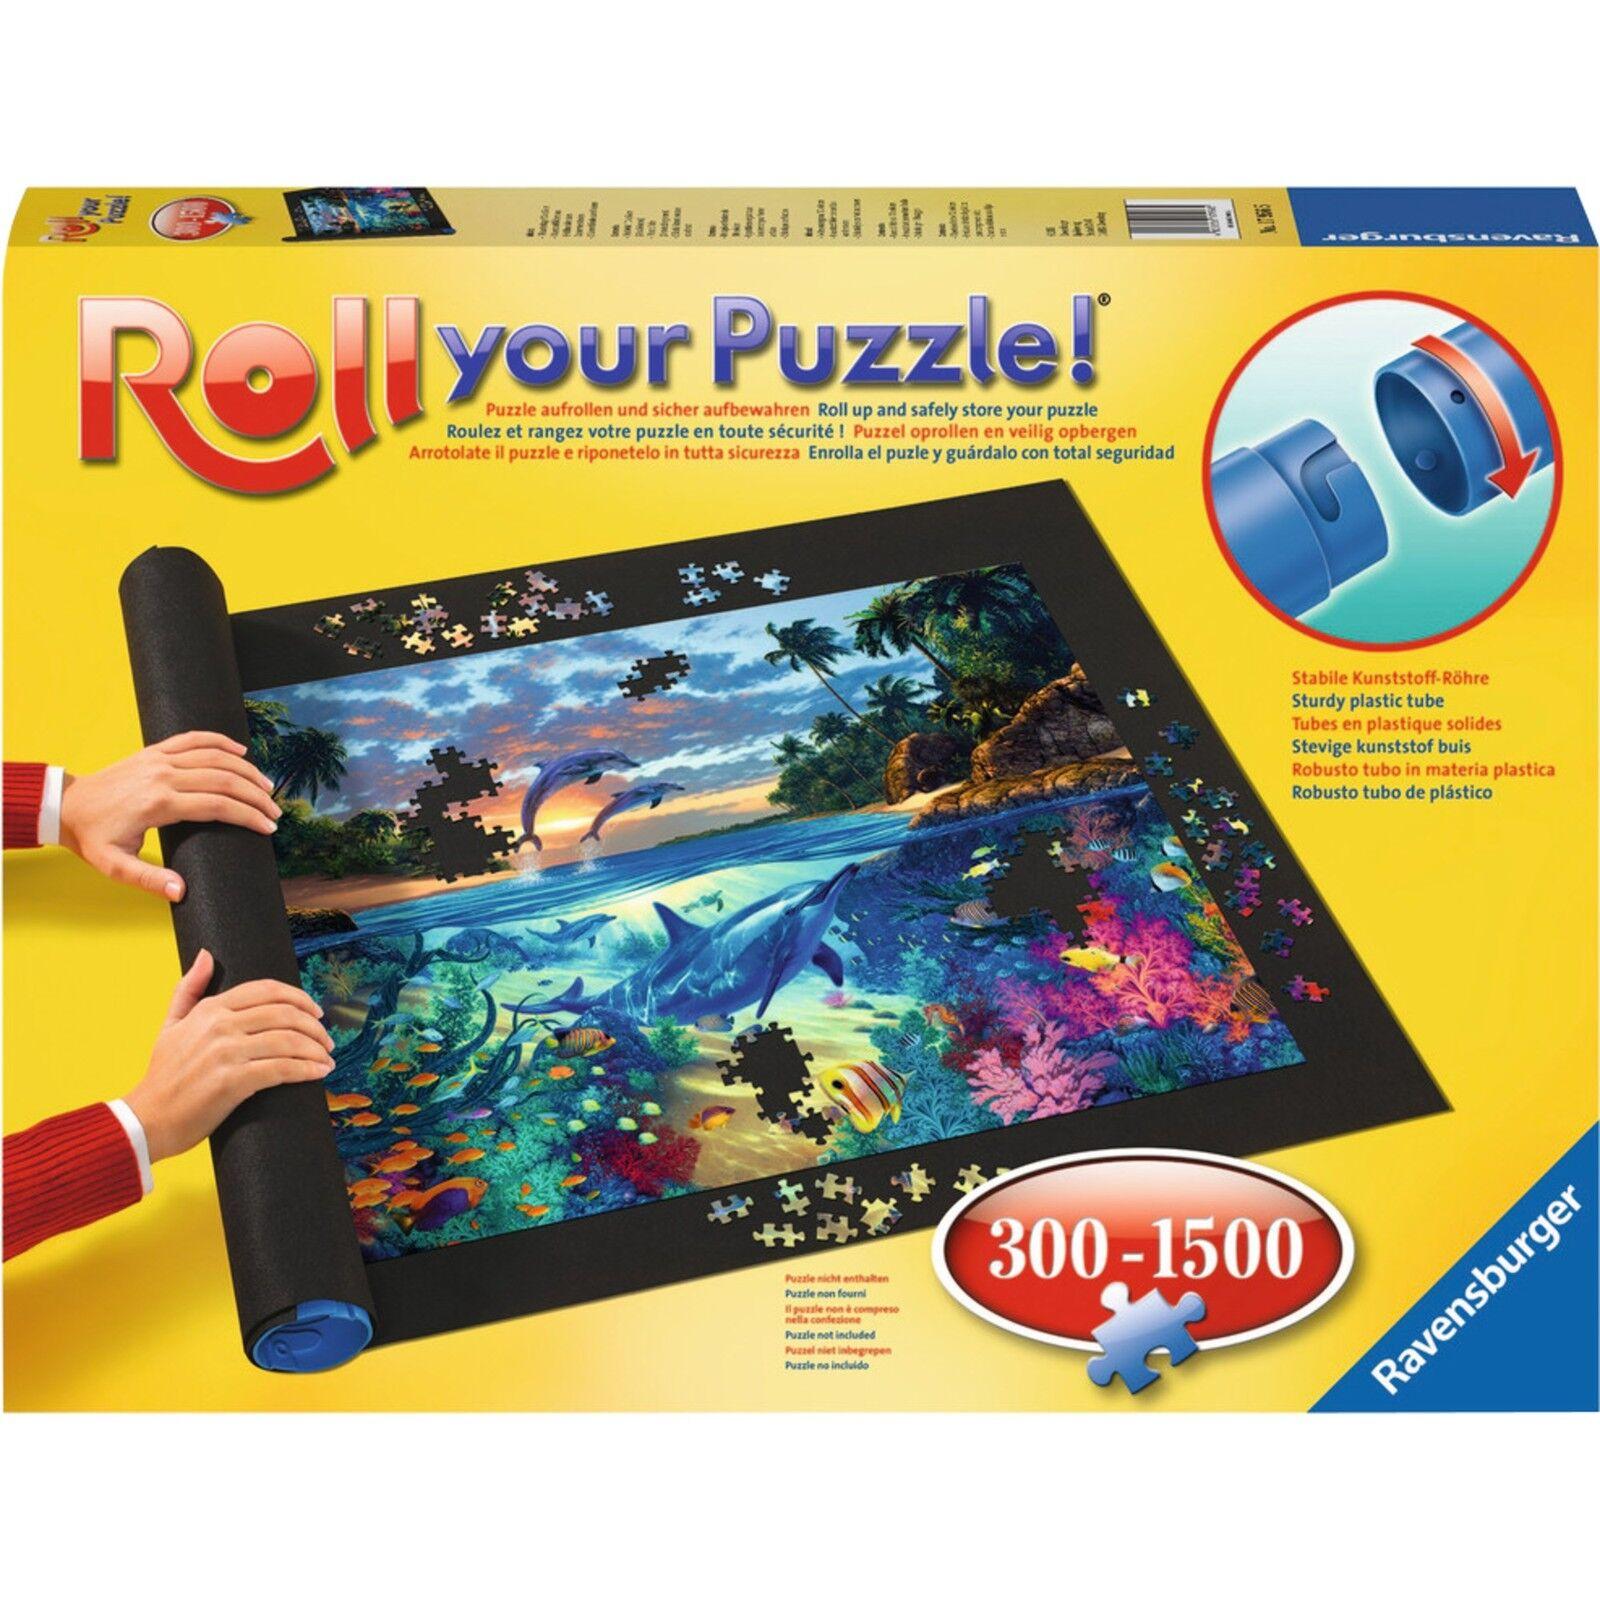 Ravensburger Roll Your Puzzle, Puzzle, Puzzle, Schutzhülle ac002f